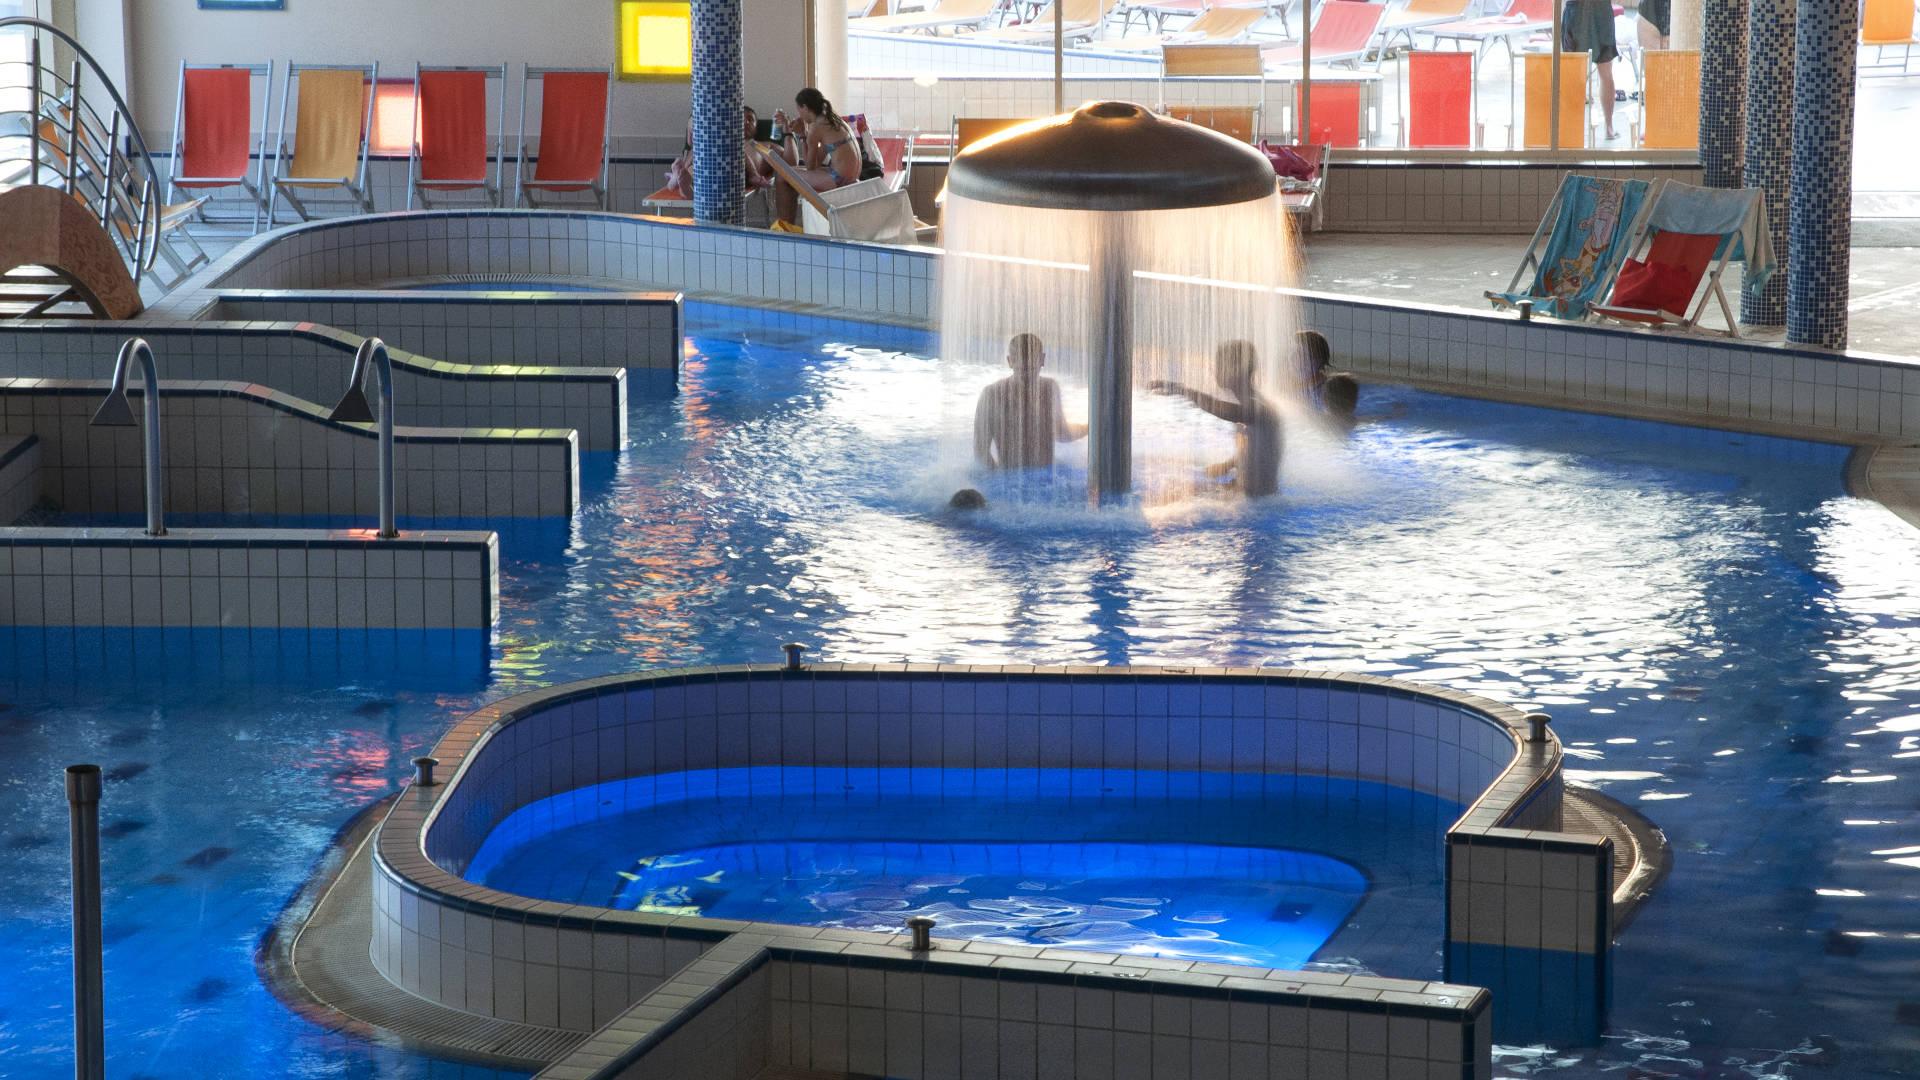 Velence Resort & Spa - Fedett élménymedence